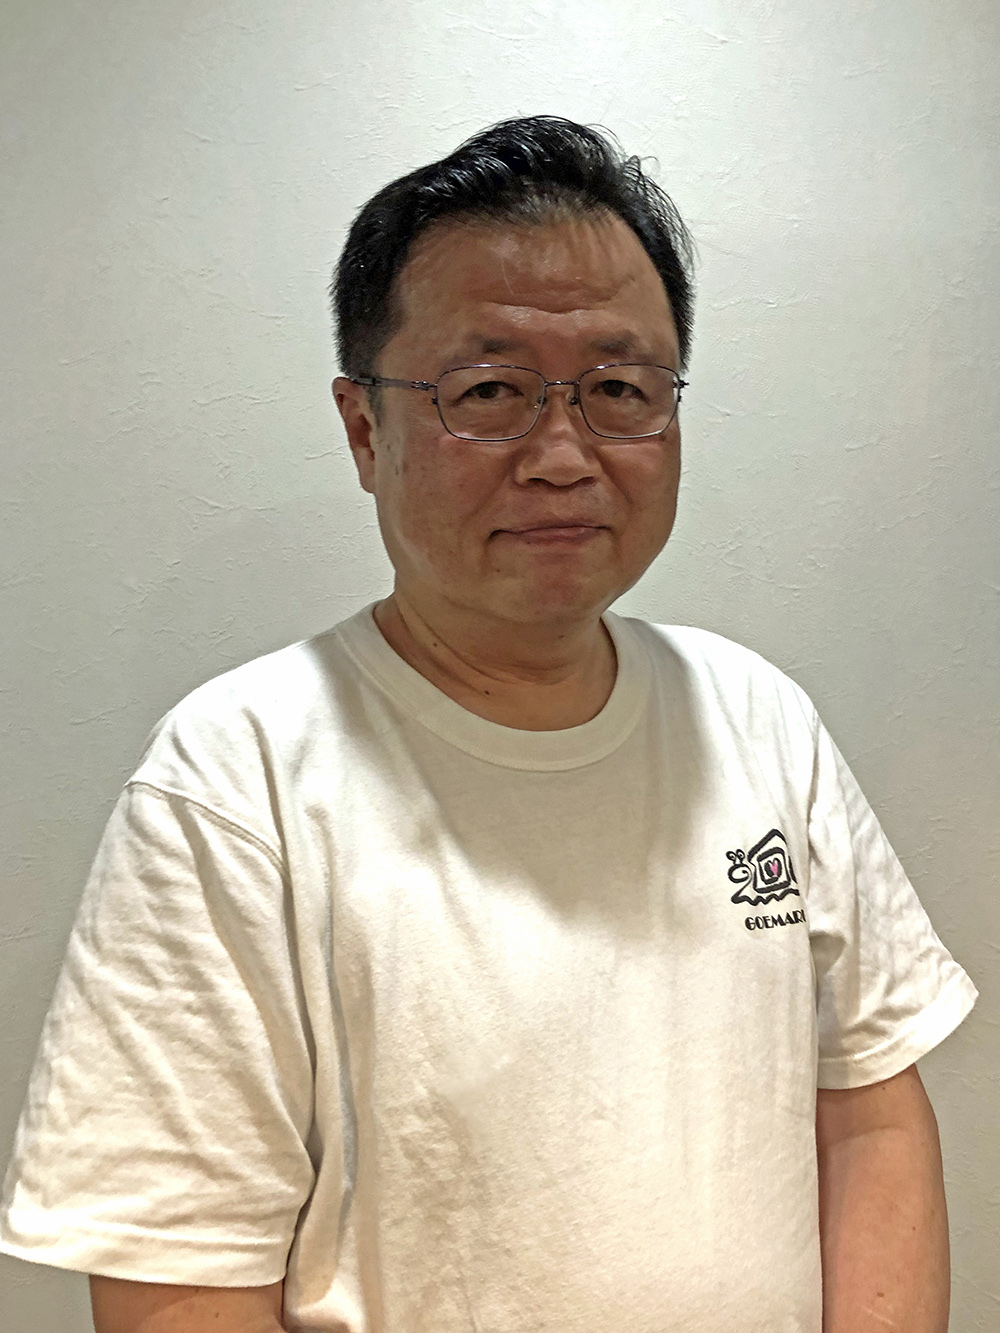 川越淳監督 (c)永井豪・石川賢/ダイナミック企画・真早乙女研究所